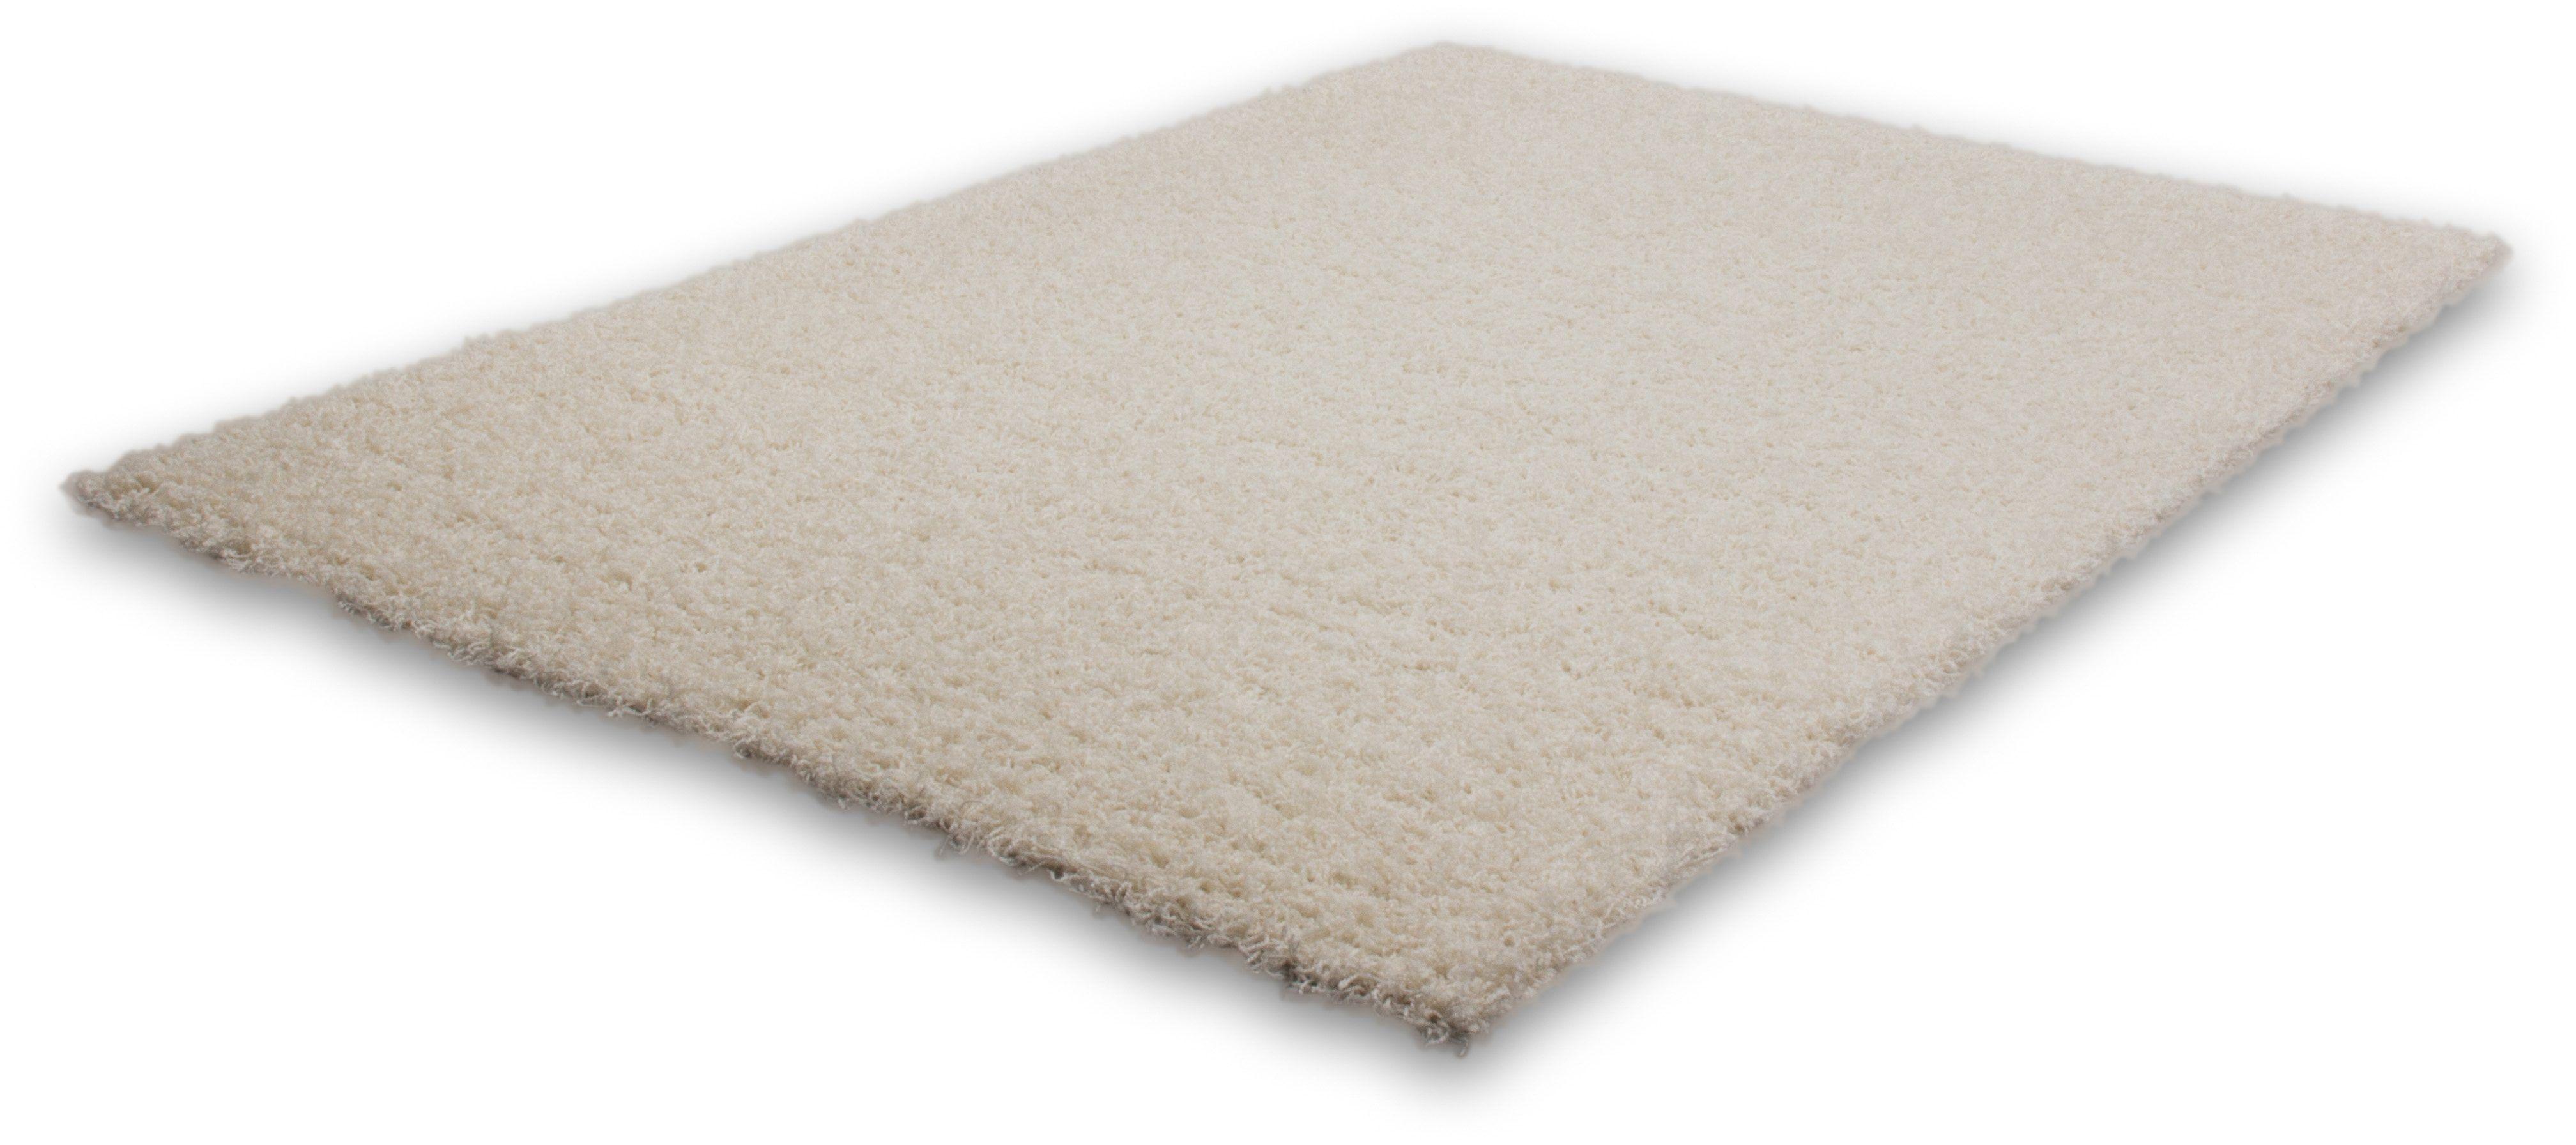 teppich bestellen good bestellen sie ihren teppich nach ma with teppich bestellen with teppich. Black Bedroom Furniture Sets. Home Design Ideas